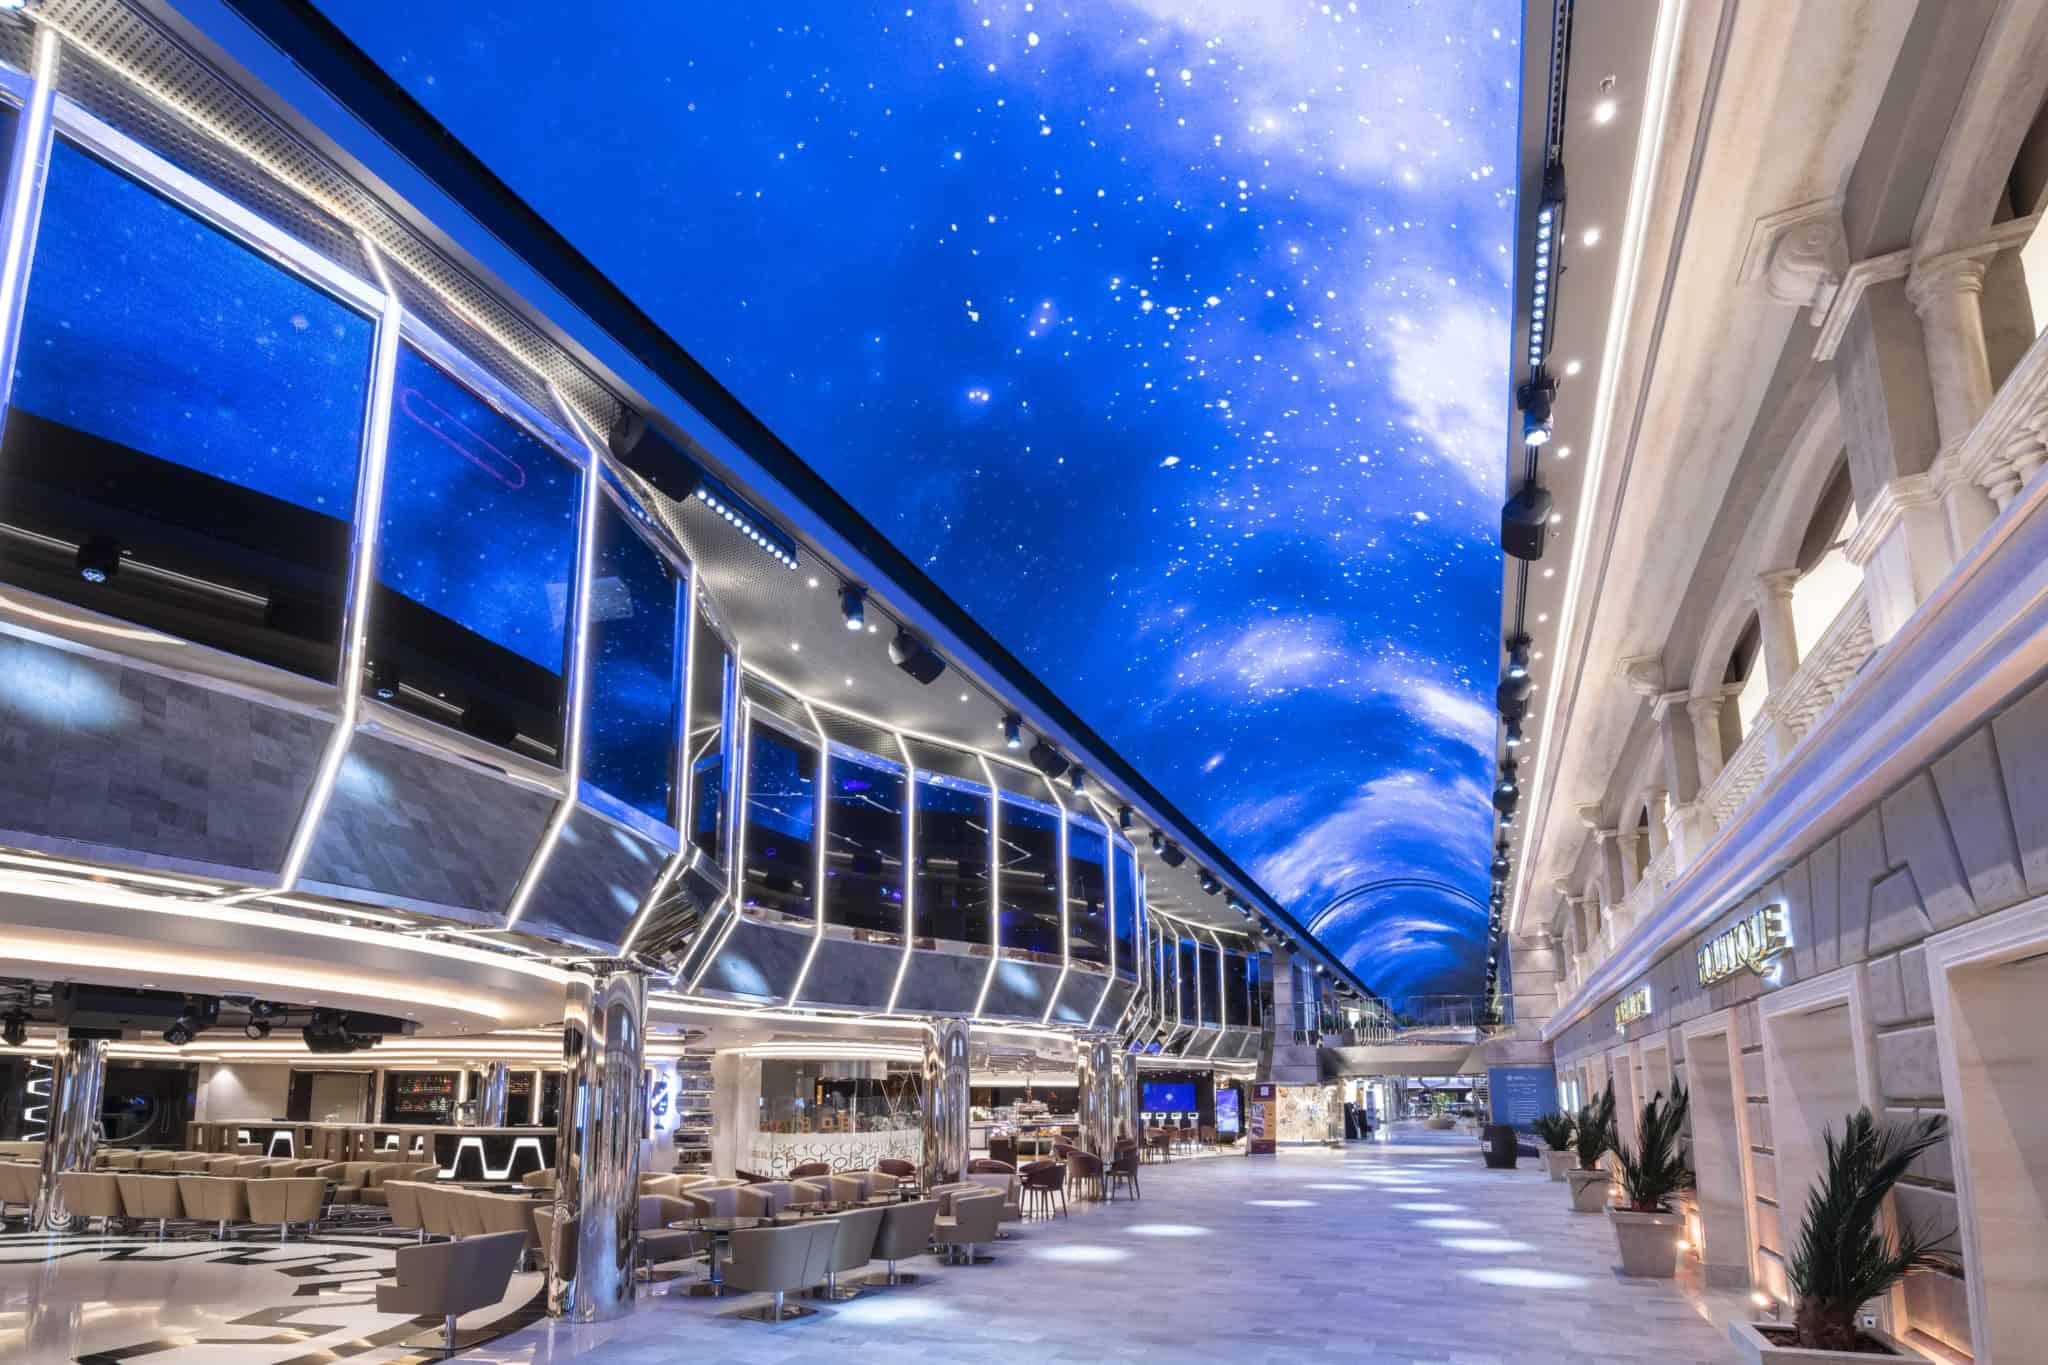 galleria bellissima promenade